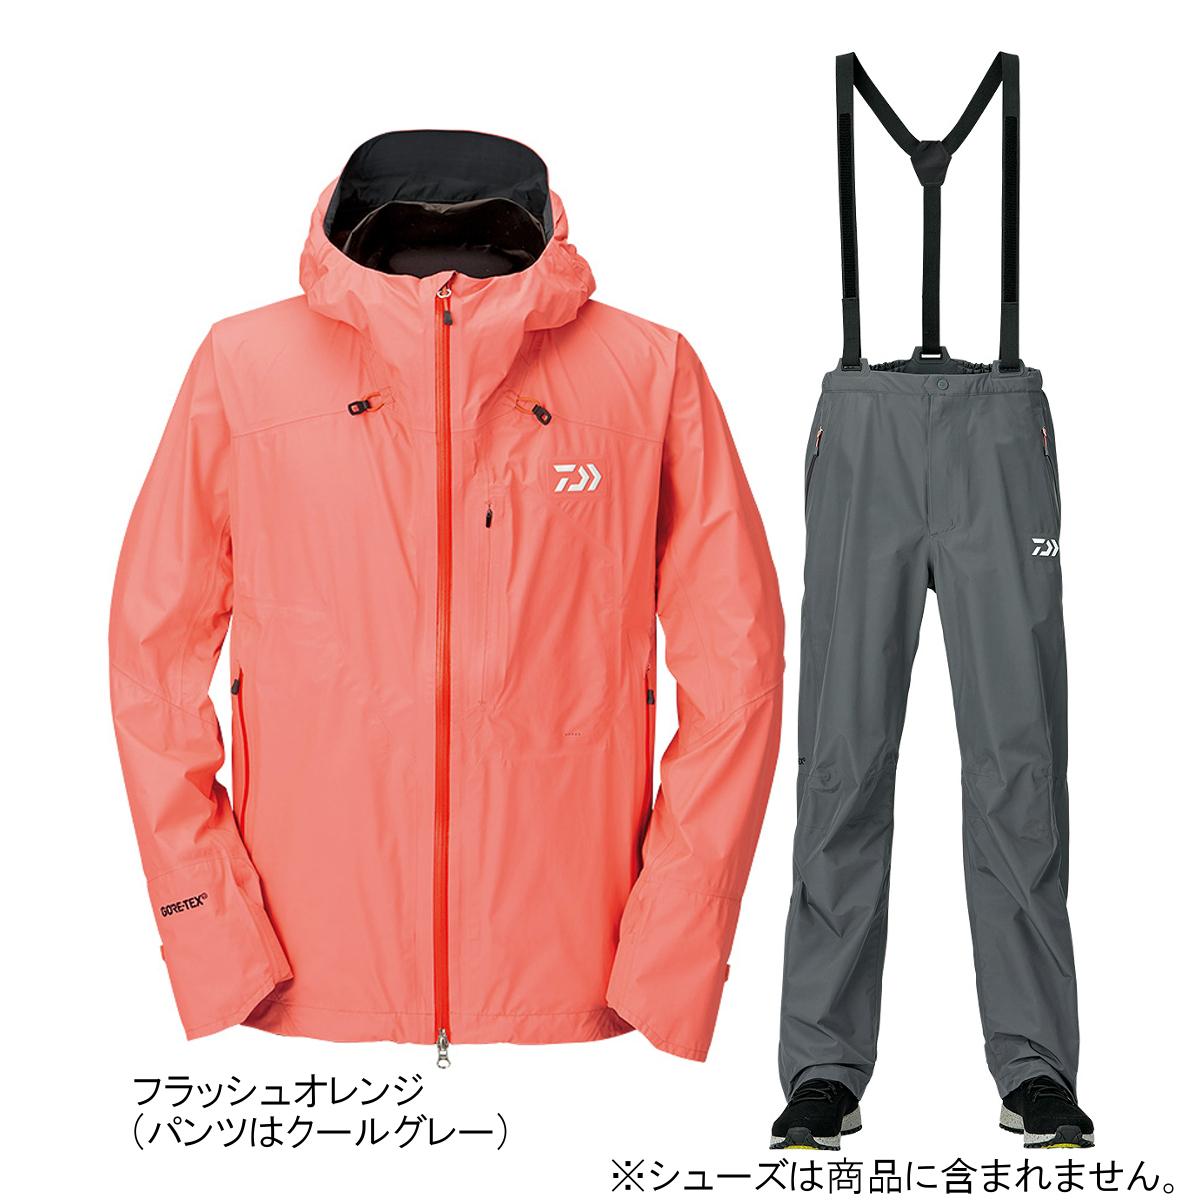 ダイワ ゴアテックス パックライトプラス レインスーツ DR-16009 XL フラッシュオレンジ(東日本店)